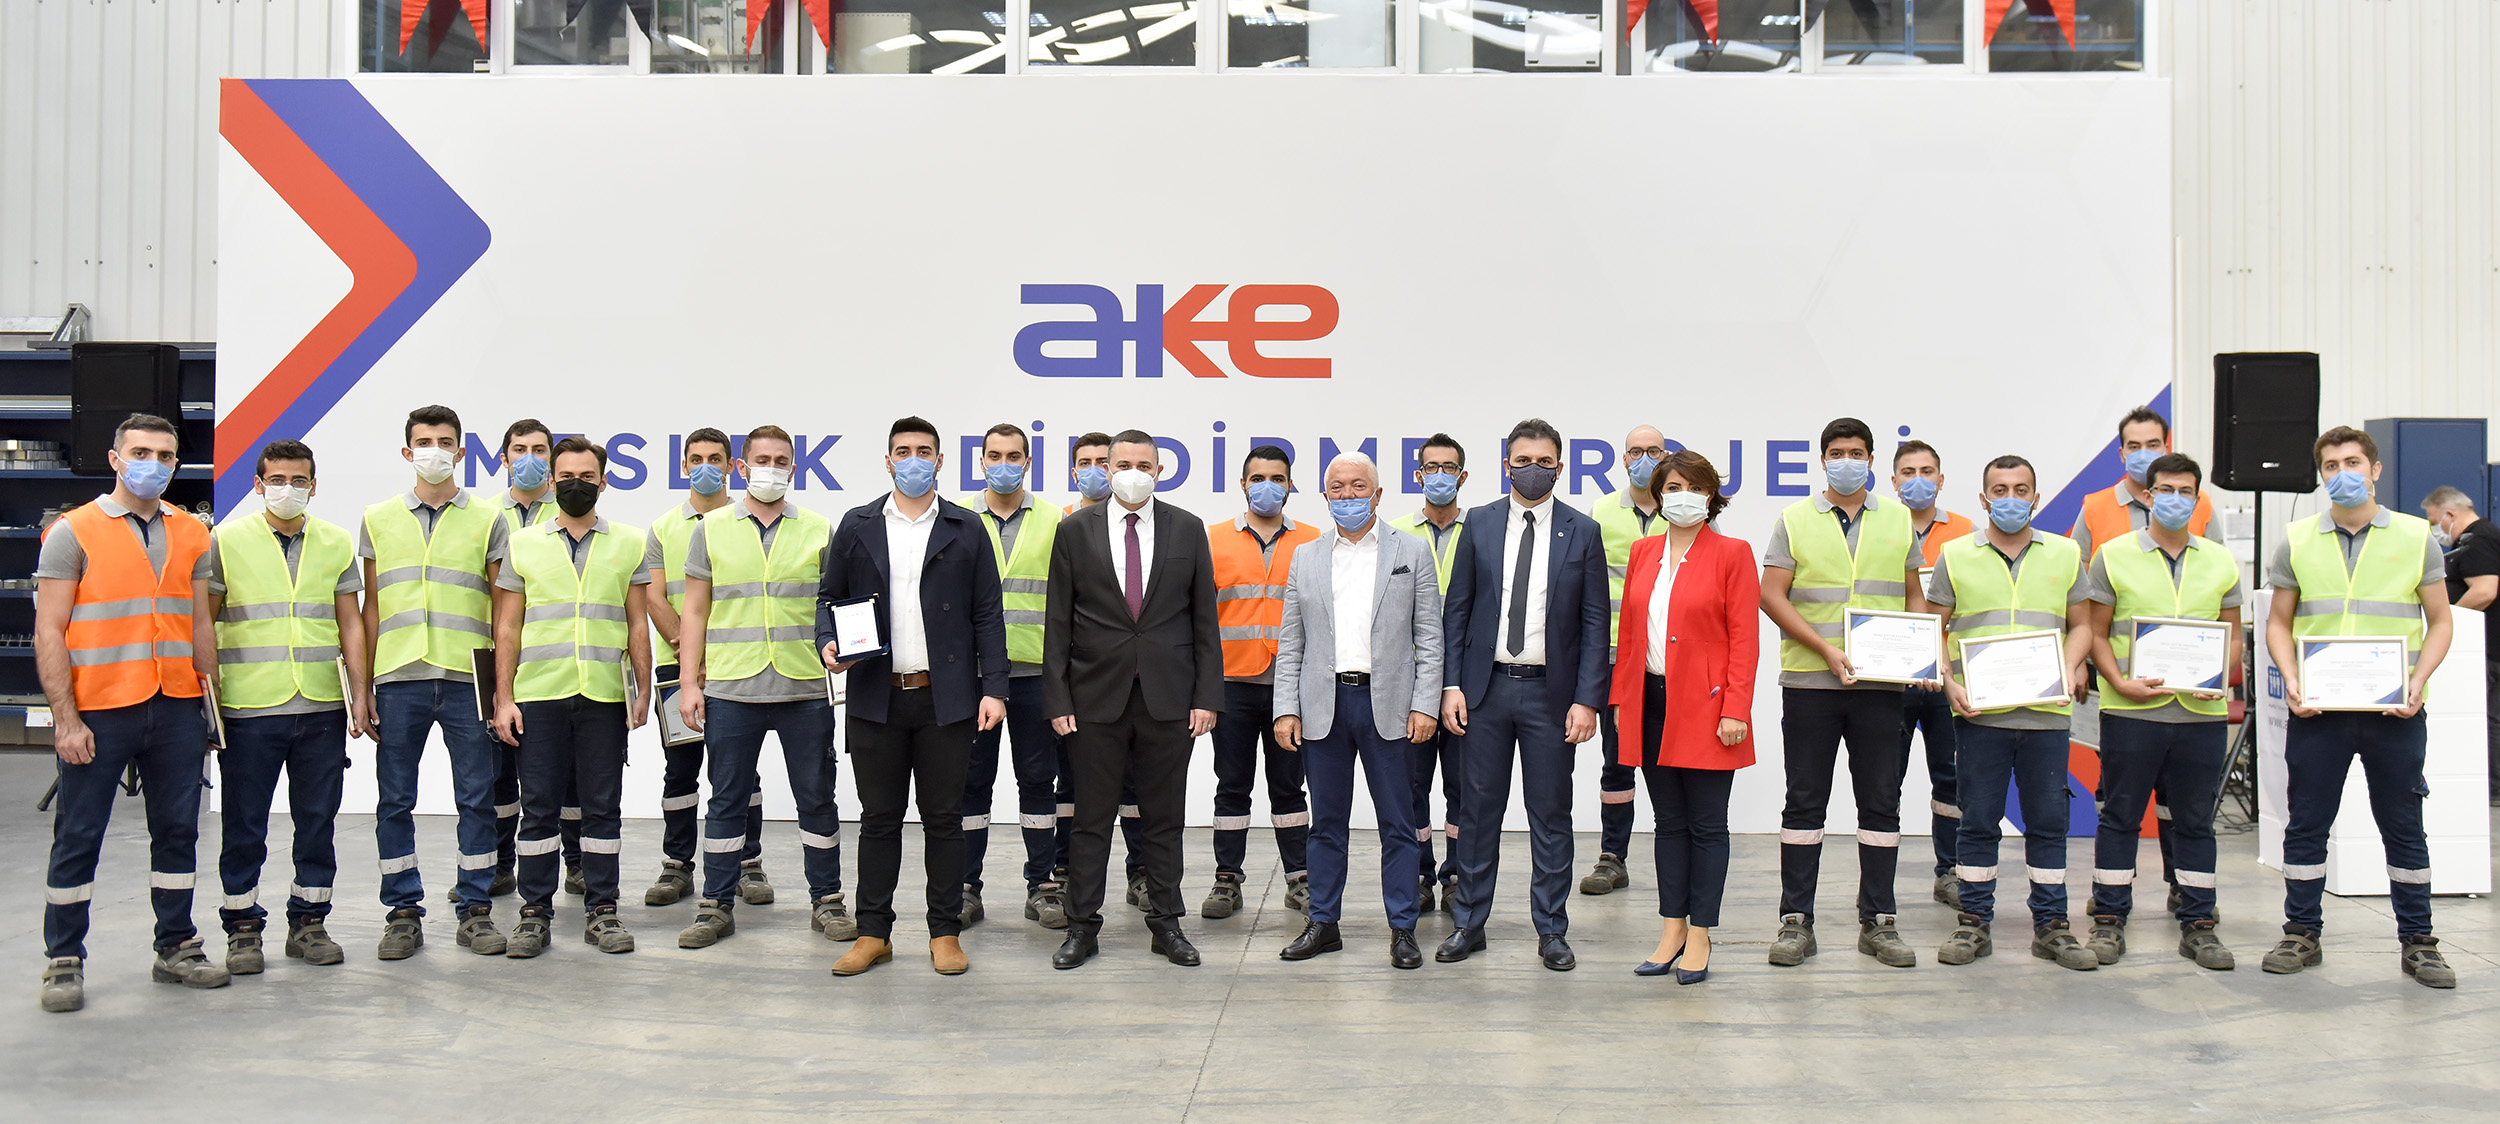 AKE-MEP